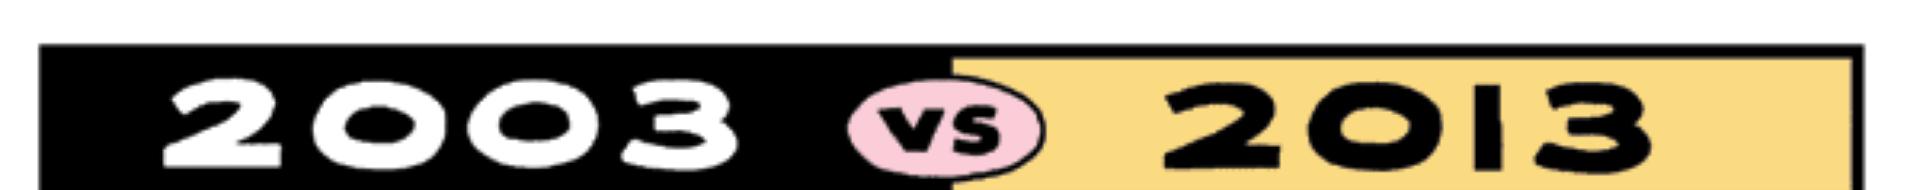 2003 vs 2013 banner